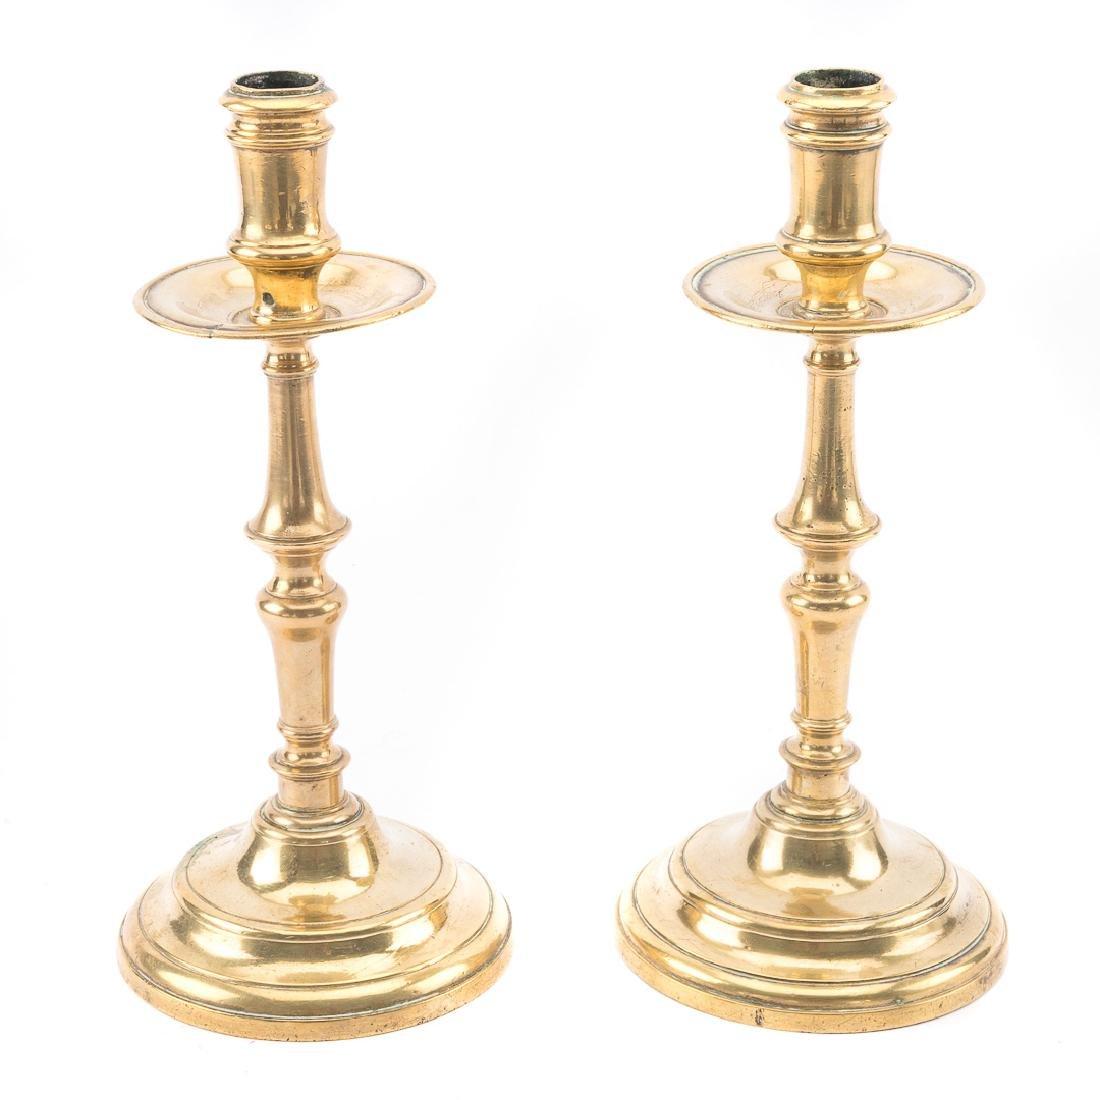 Pair of Dutch Heemskerk brass candlesticks